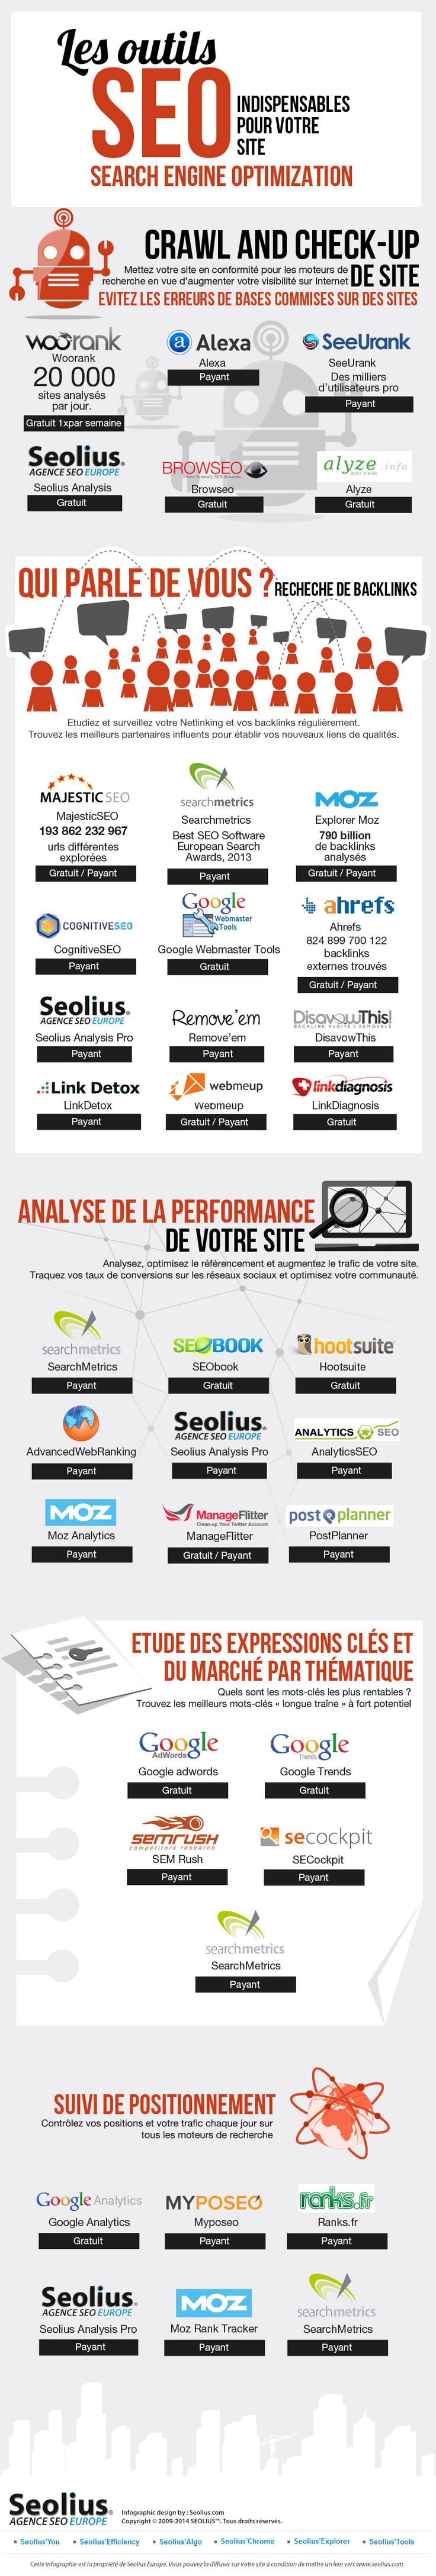 Les outils #SEO indispensables pour votre site